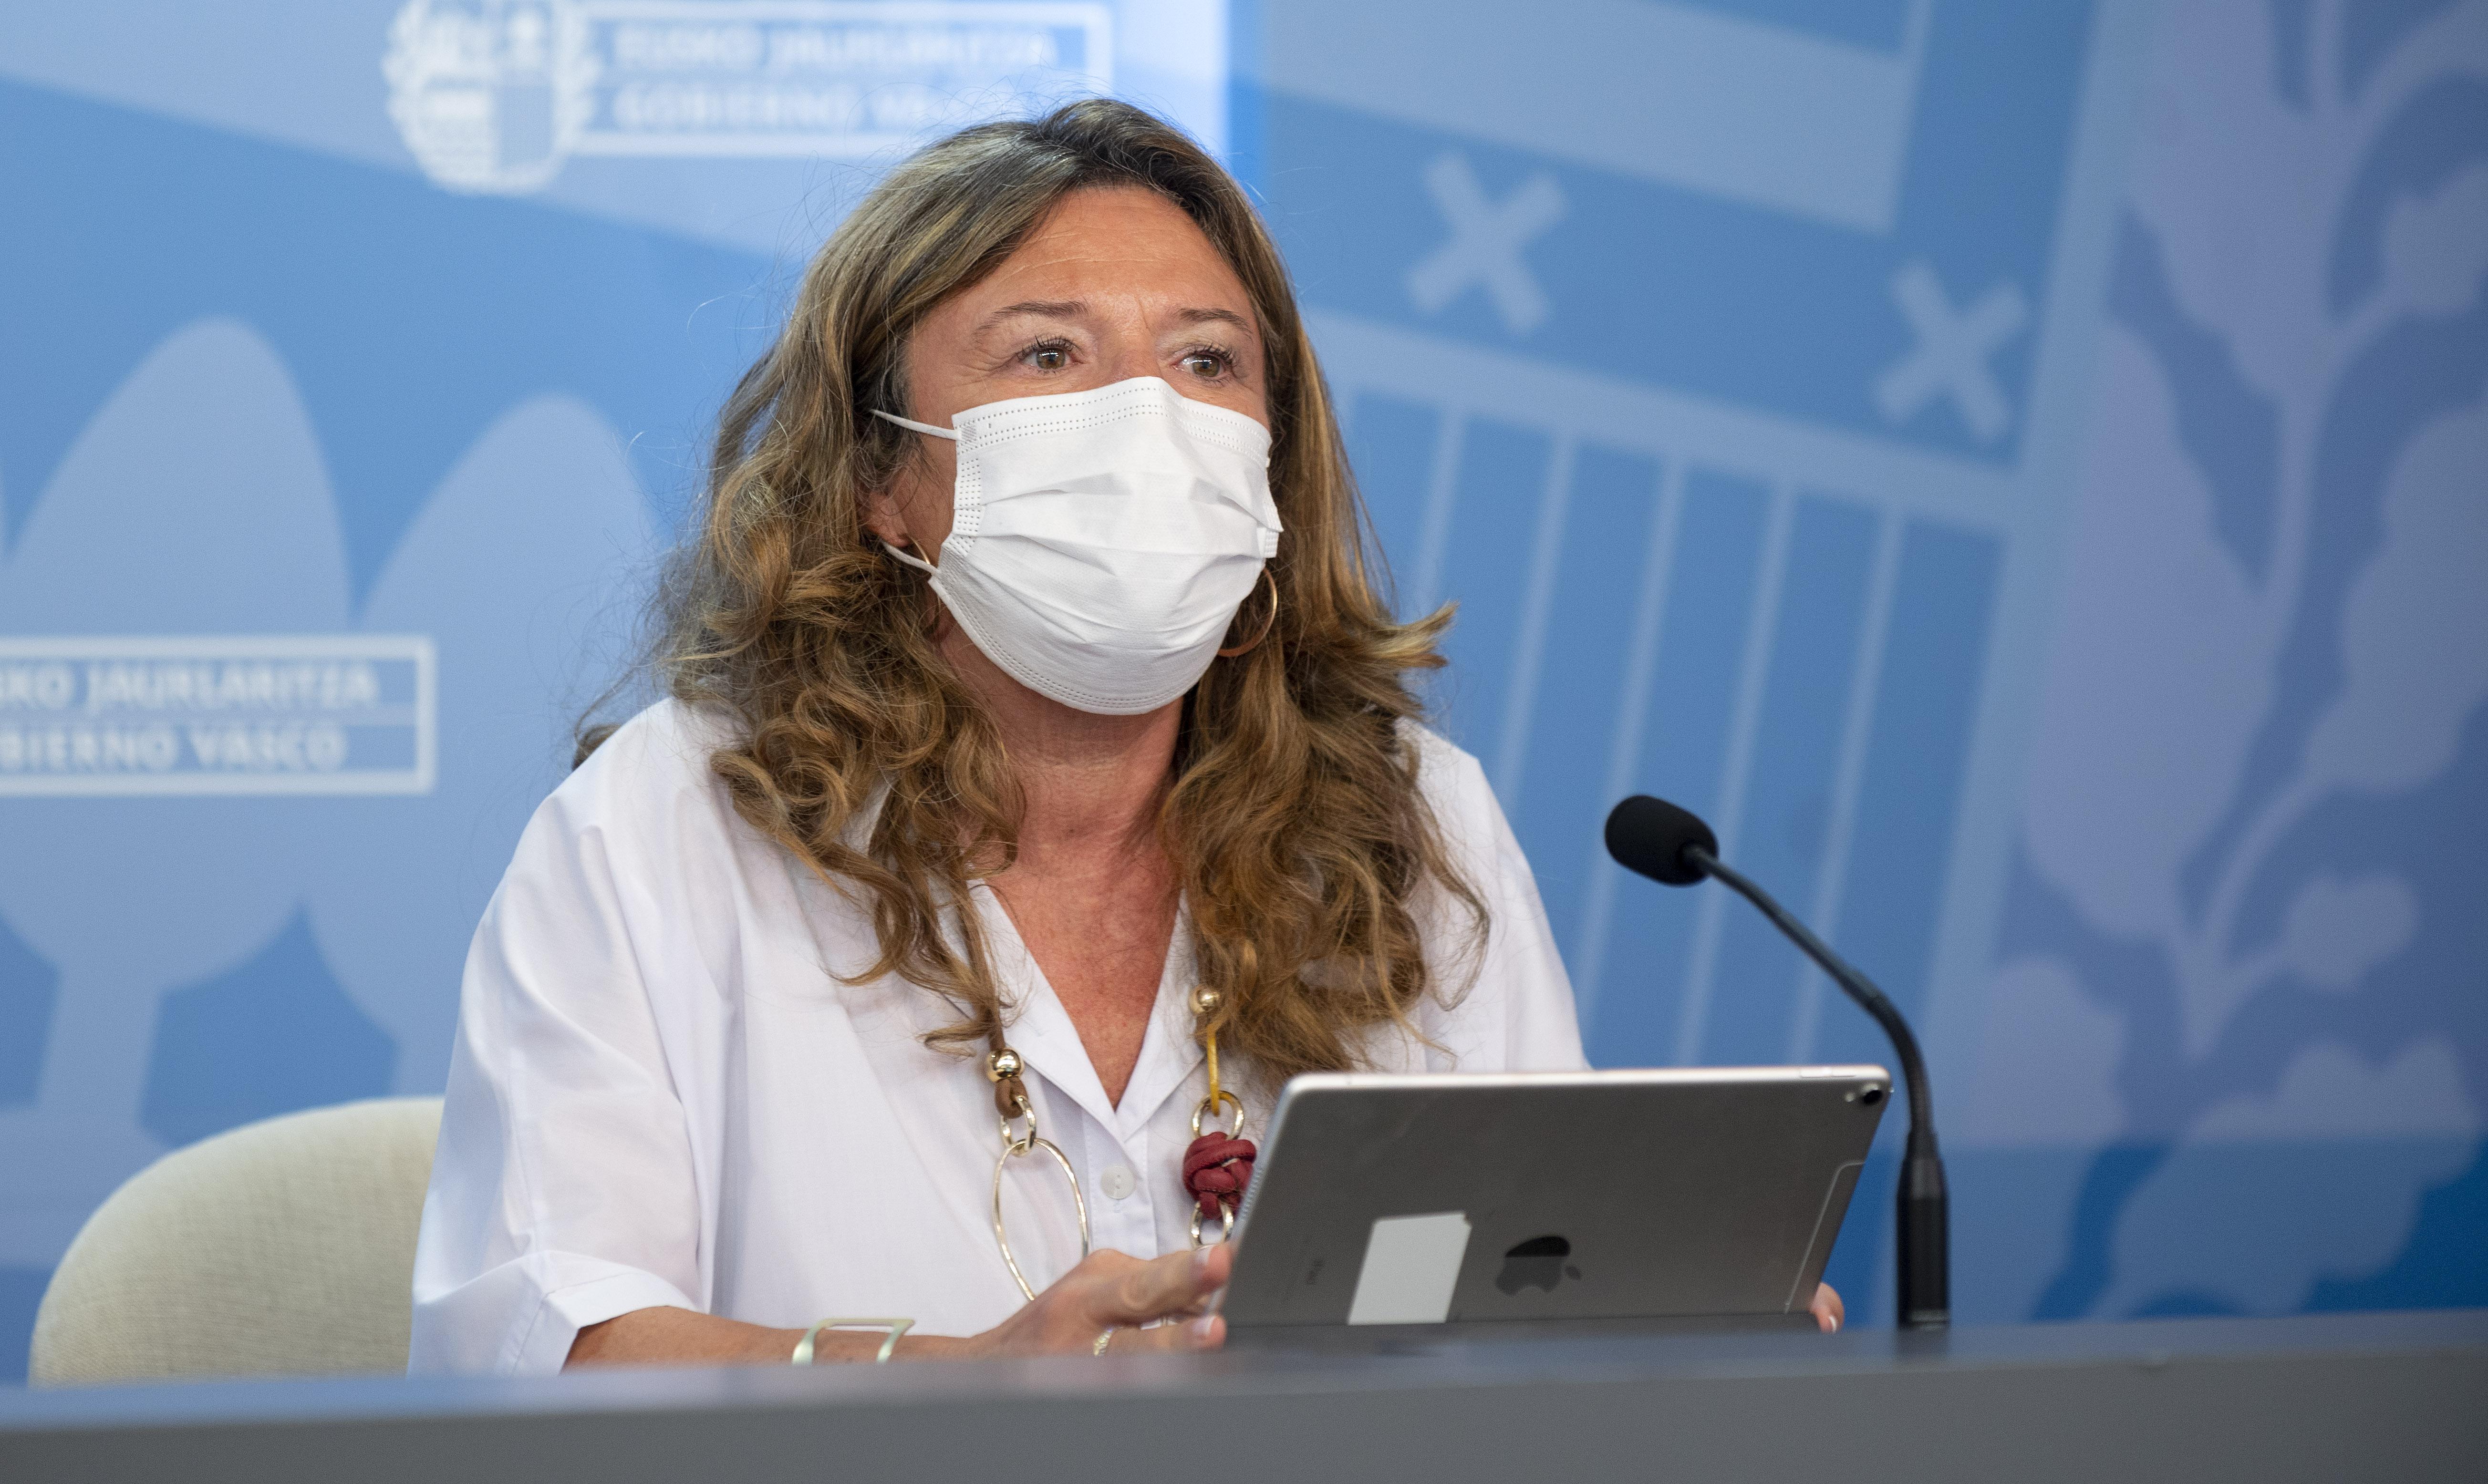 Osakidetza abrirá el viernes la posibilidad de coger cita para vacunarse a través de su página web a personas de entre 29 y 16 años [24:54]